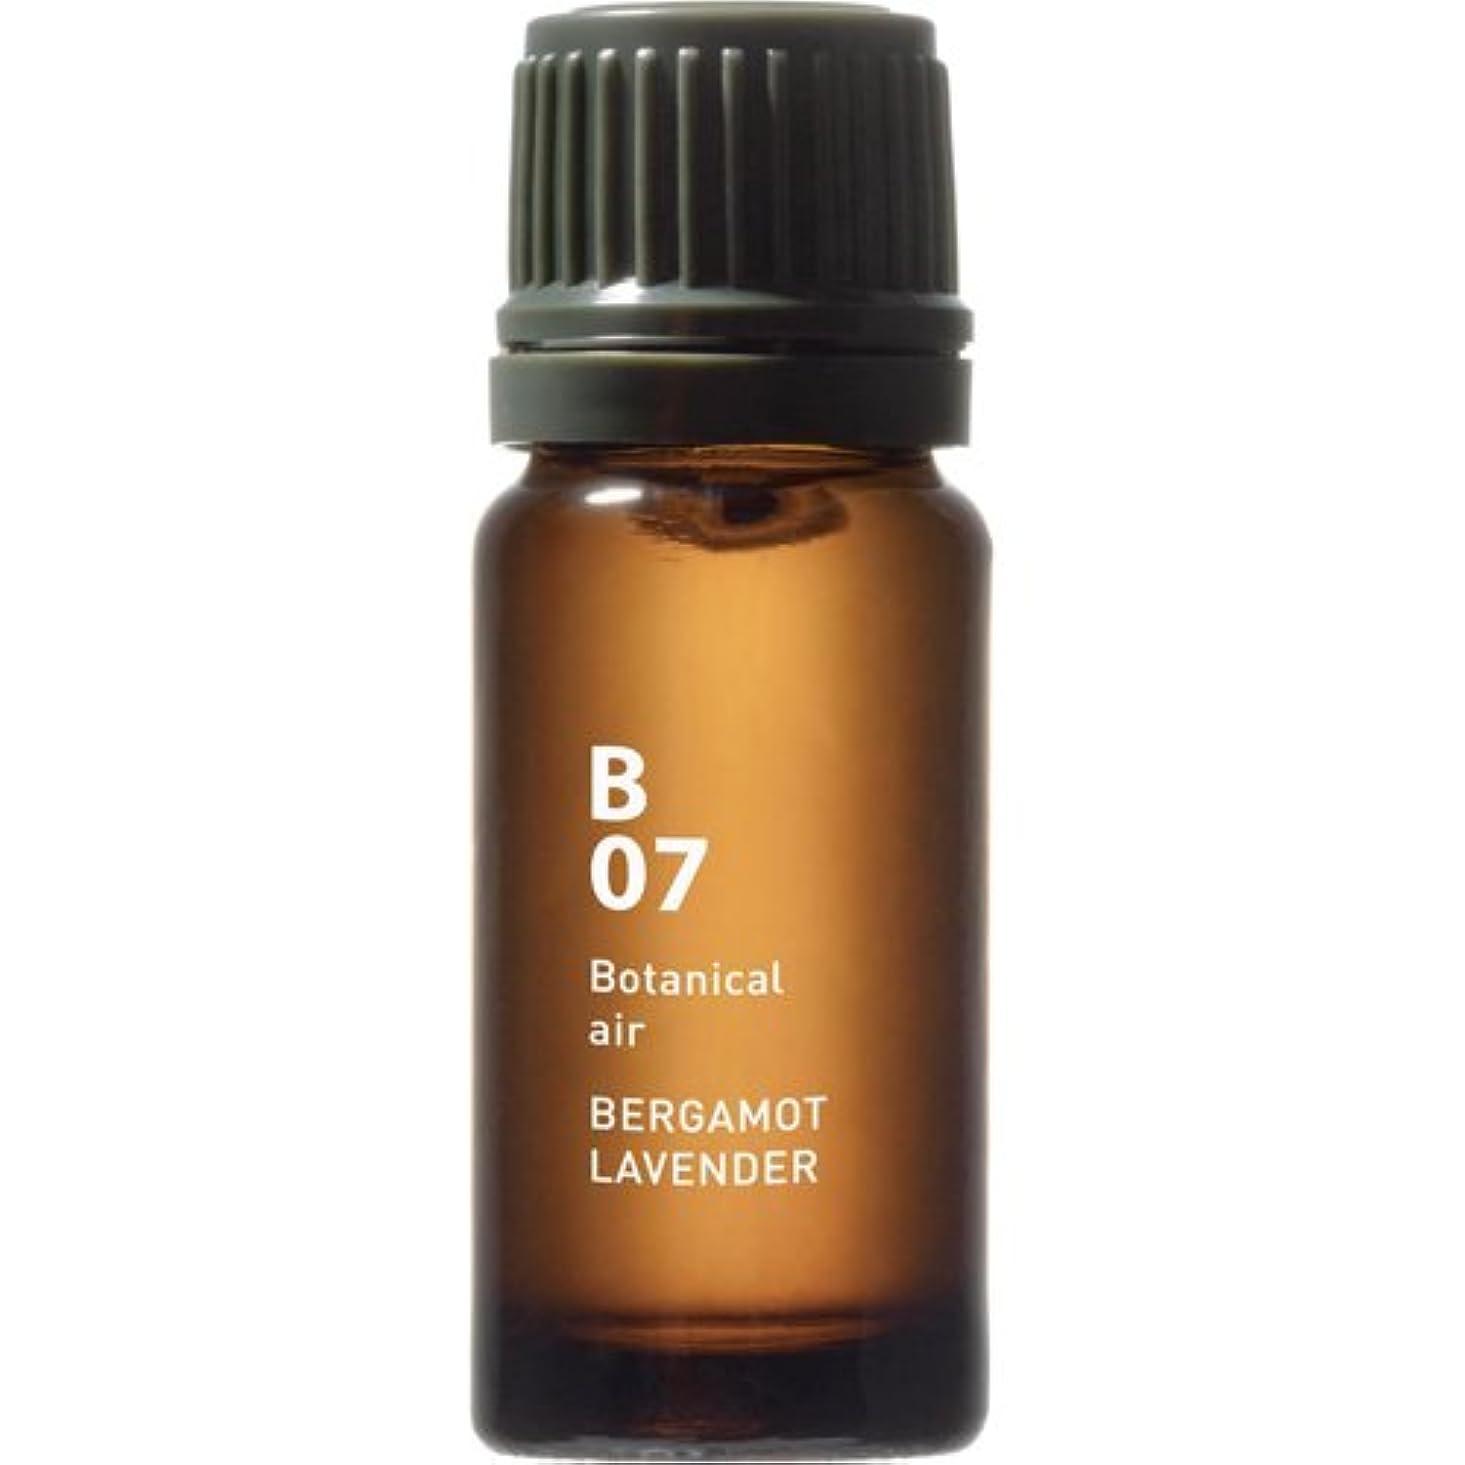 怖がらせる多様な根拠B07 ベルガモットラベンダー Botanical air(ボタニカルエアー) 10ml